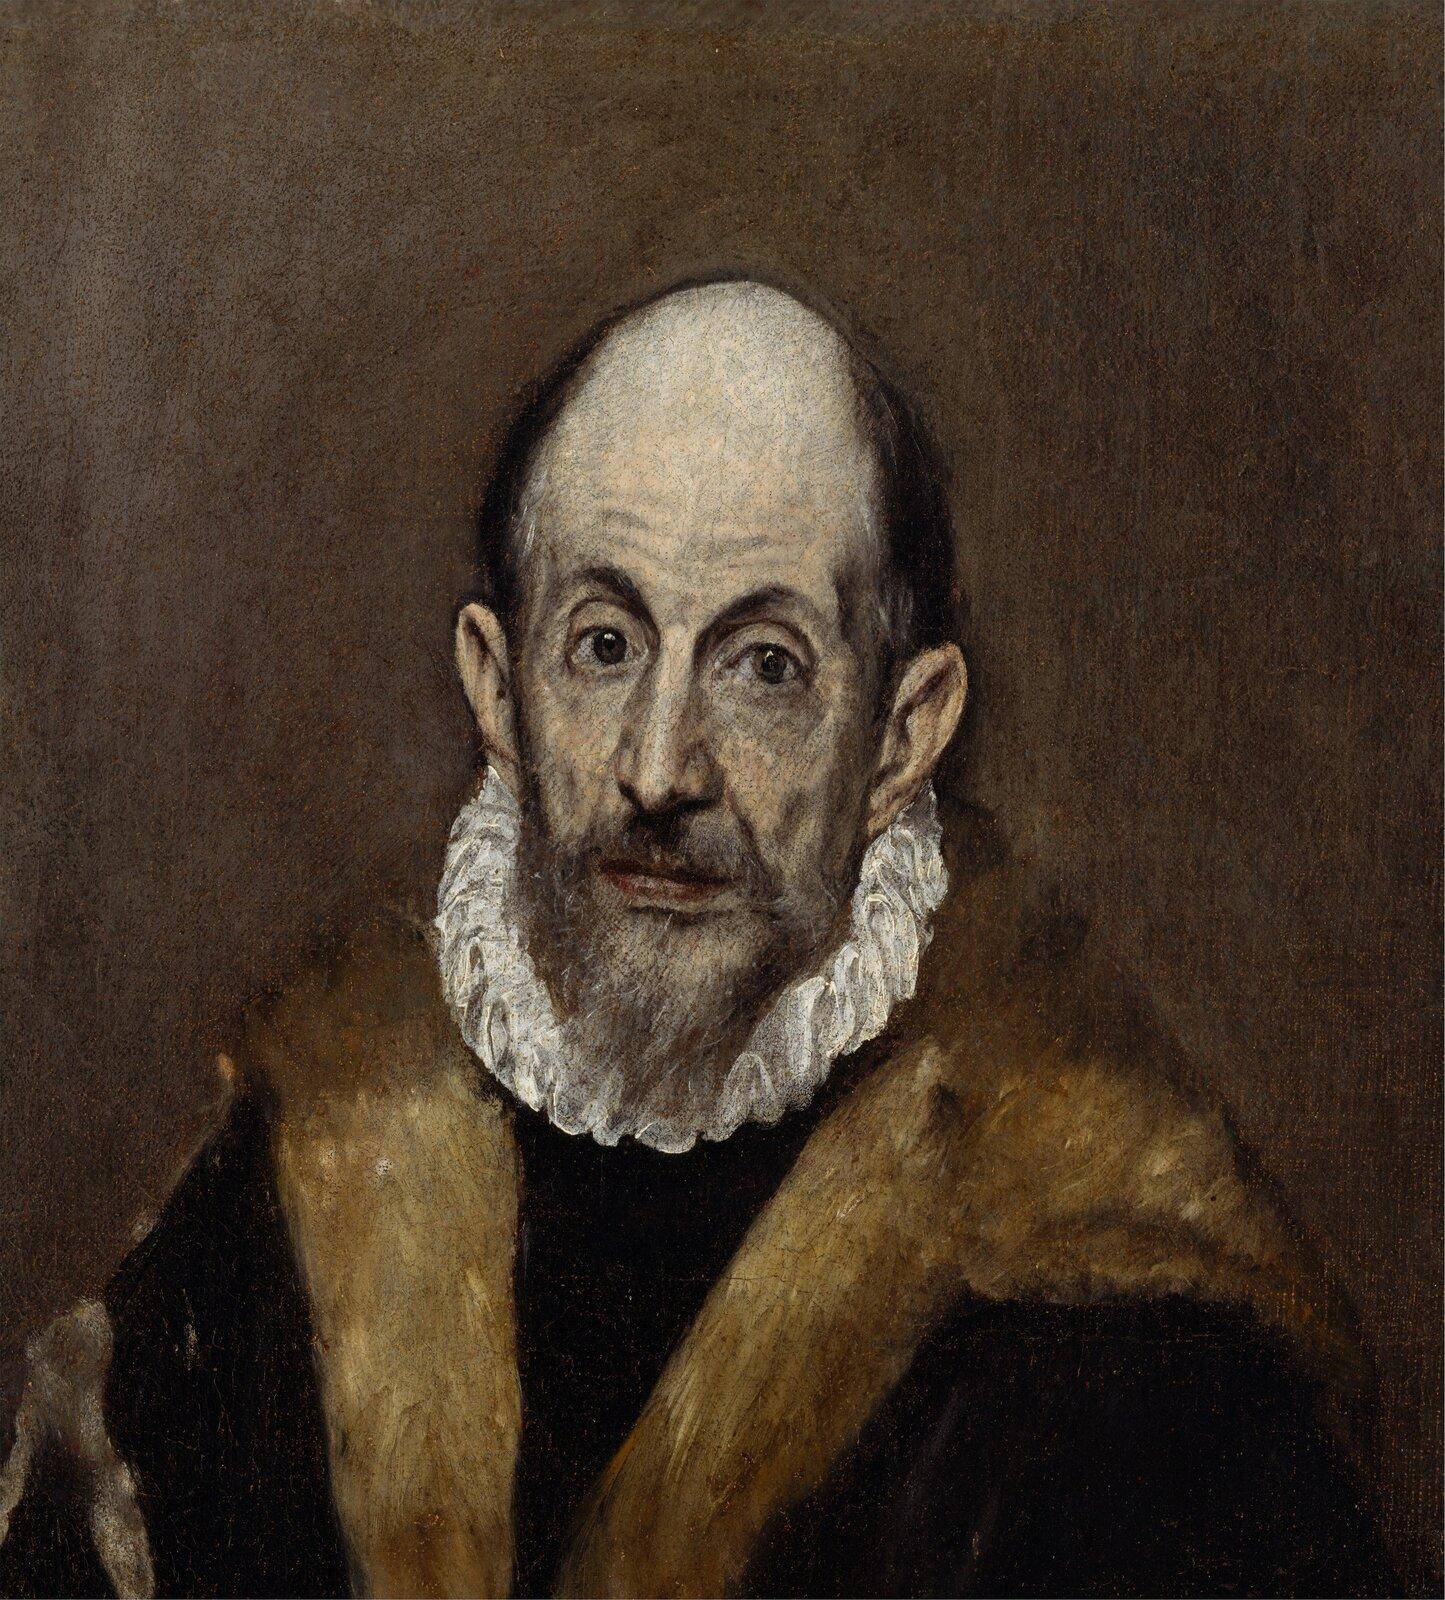 Domniemany autoportret El Greca Domniemany autoportret El Greca Źródło: El Greco, 1595–1600, olej na płótnie, Metropolitan Museum of Art, domena publiczna.